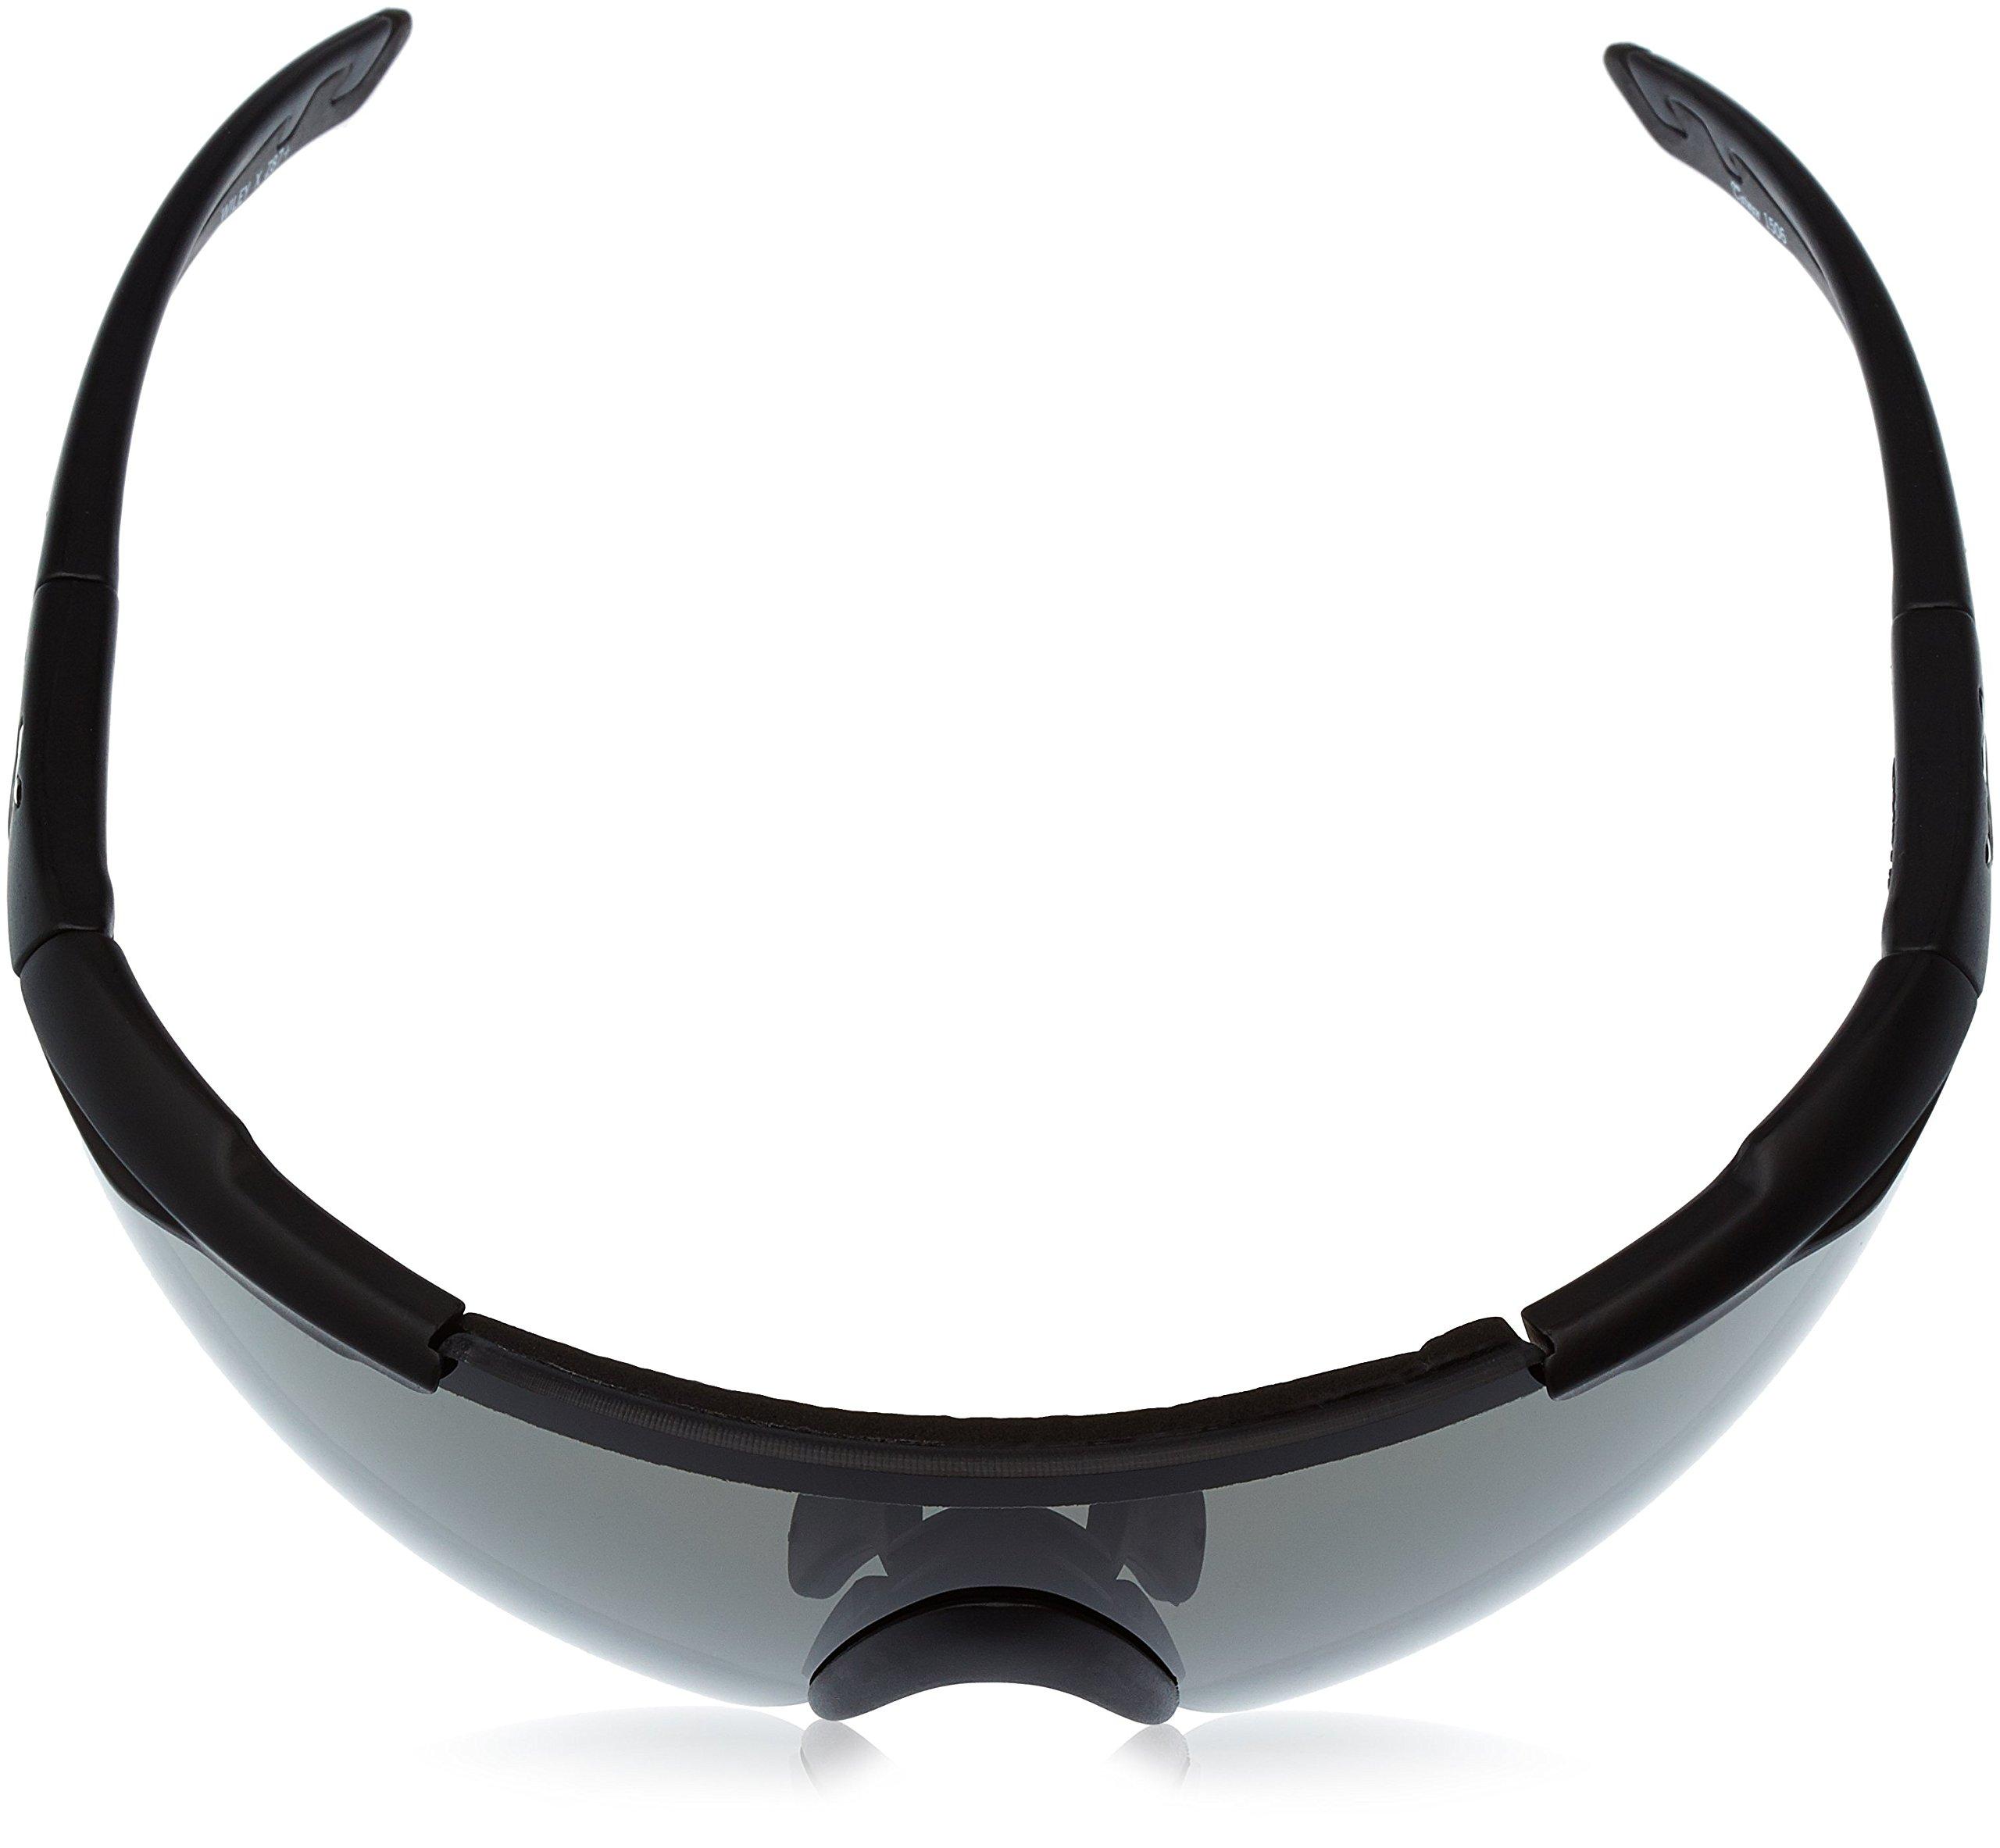 Wiley X Saber Advanced Sunglasses, Smoke Grey, Matte Black